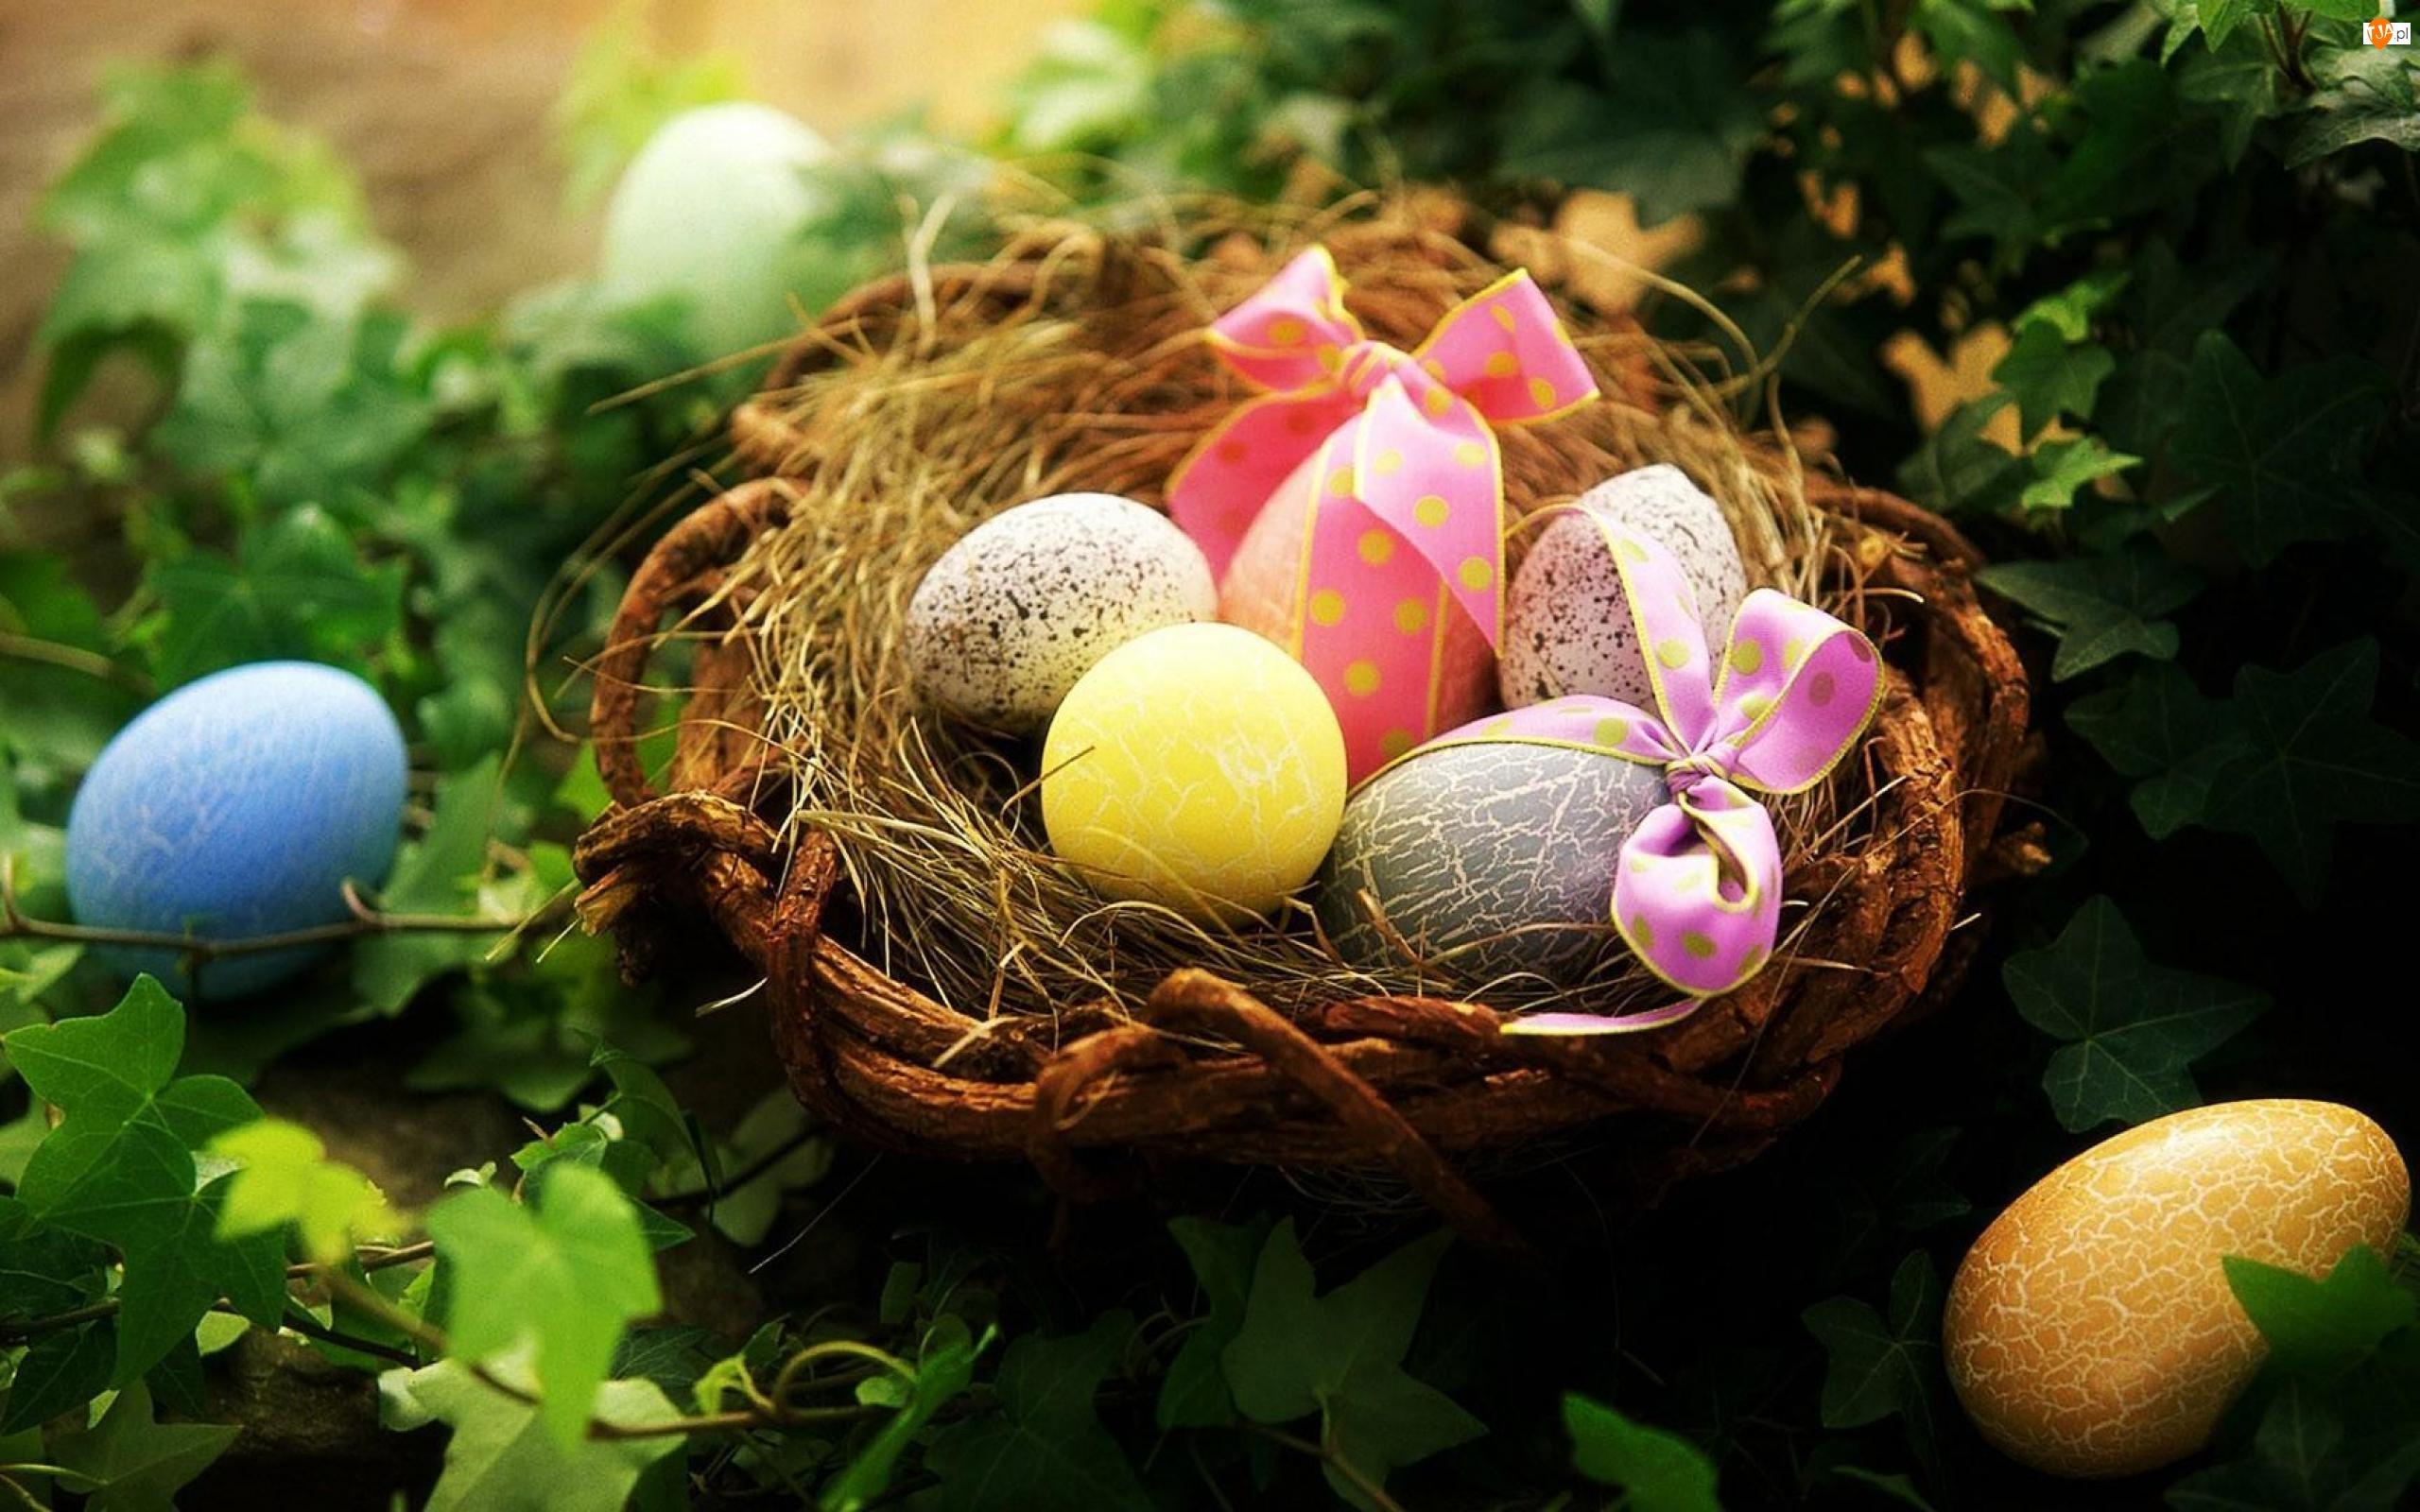 Gniazdko, Rośliny, Wielkanocne, Jajka